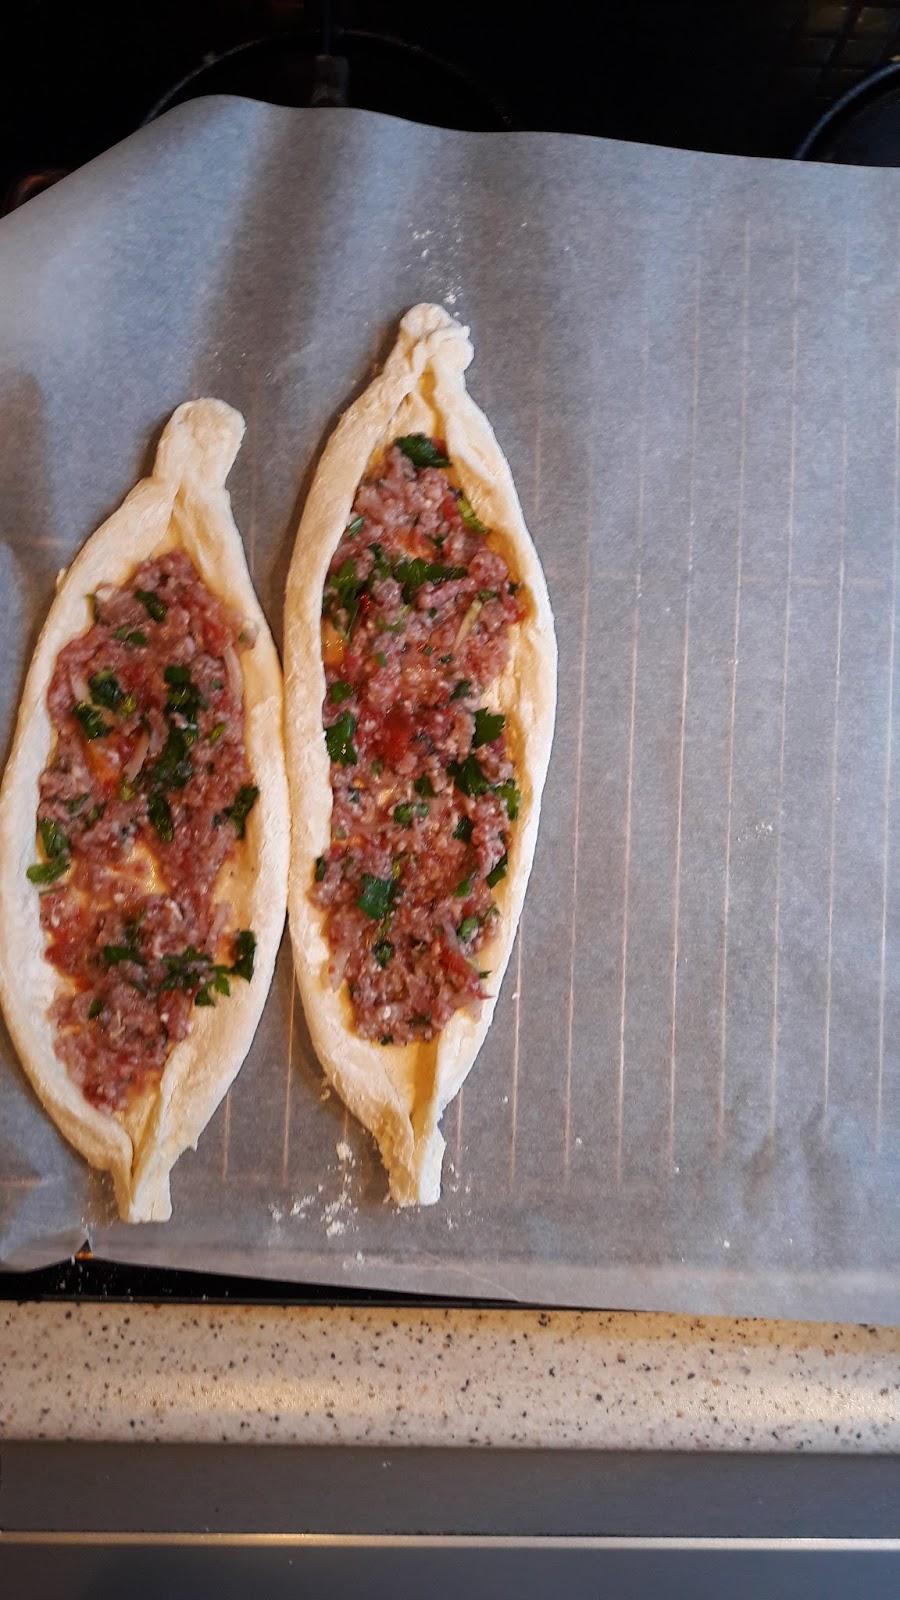 Şampanya ve yengeç çubukları ile salata: Günlük yaşam ve tatiller için lezzetli yemekler için 5 basit yemek tarifleri 69